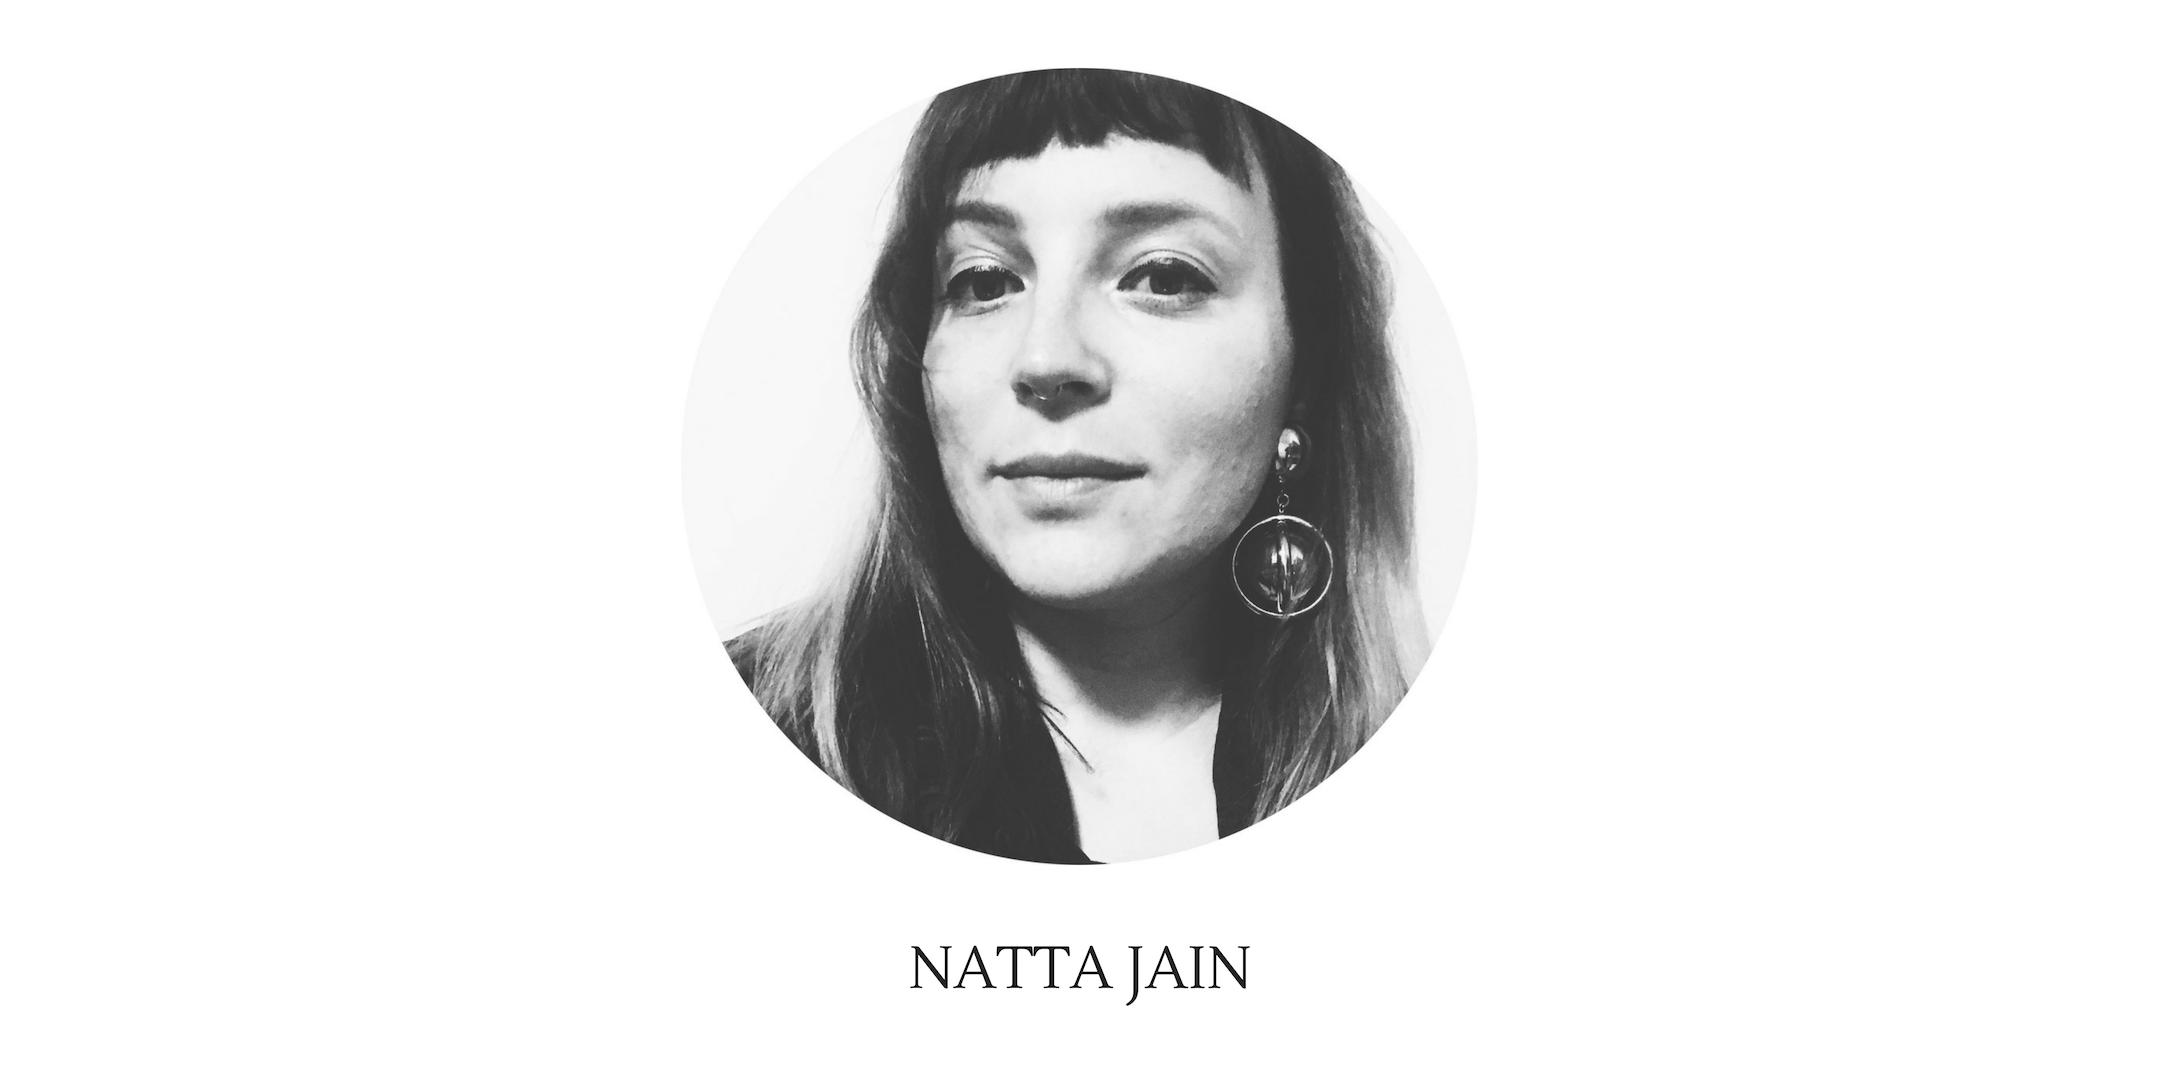 Natta Jain